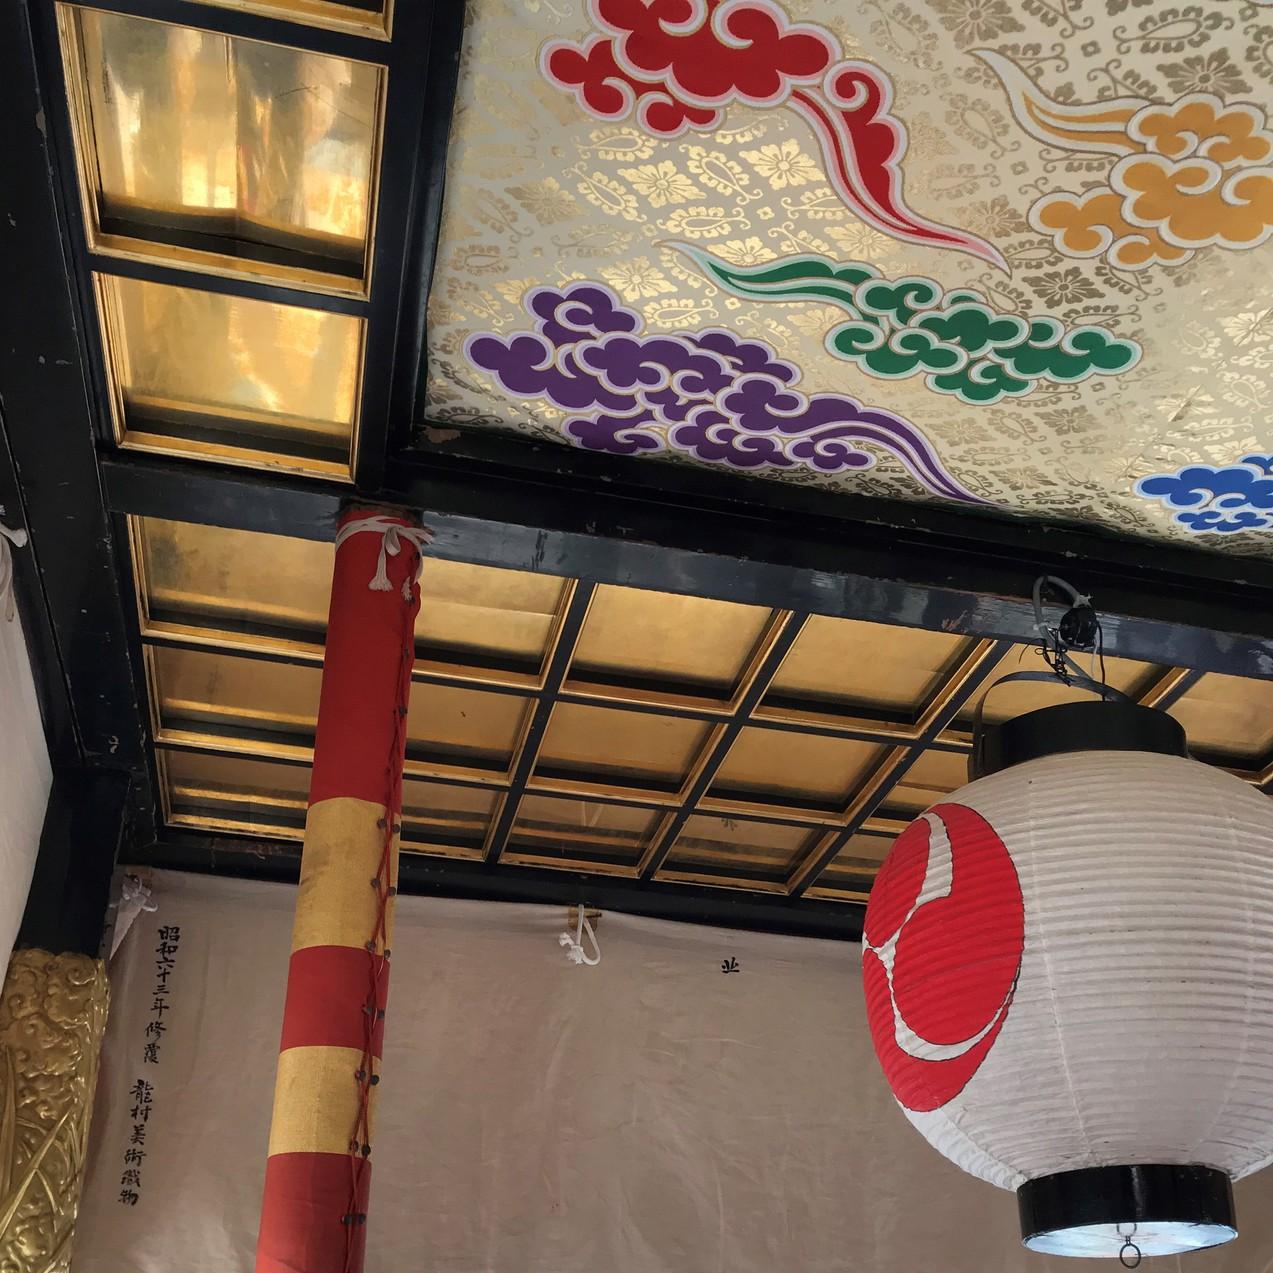 2019年の祇園祭の様子 山鉾岩戸山の内部